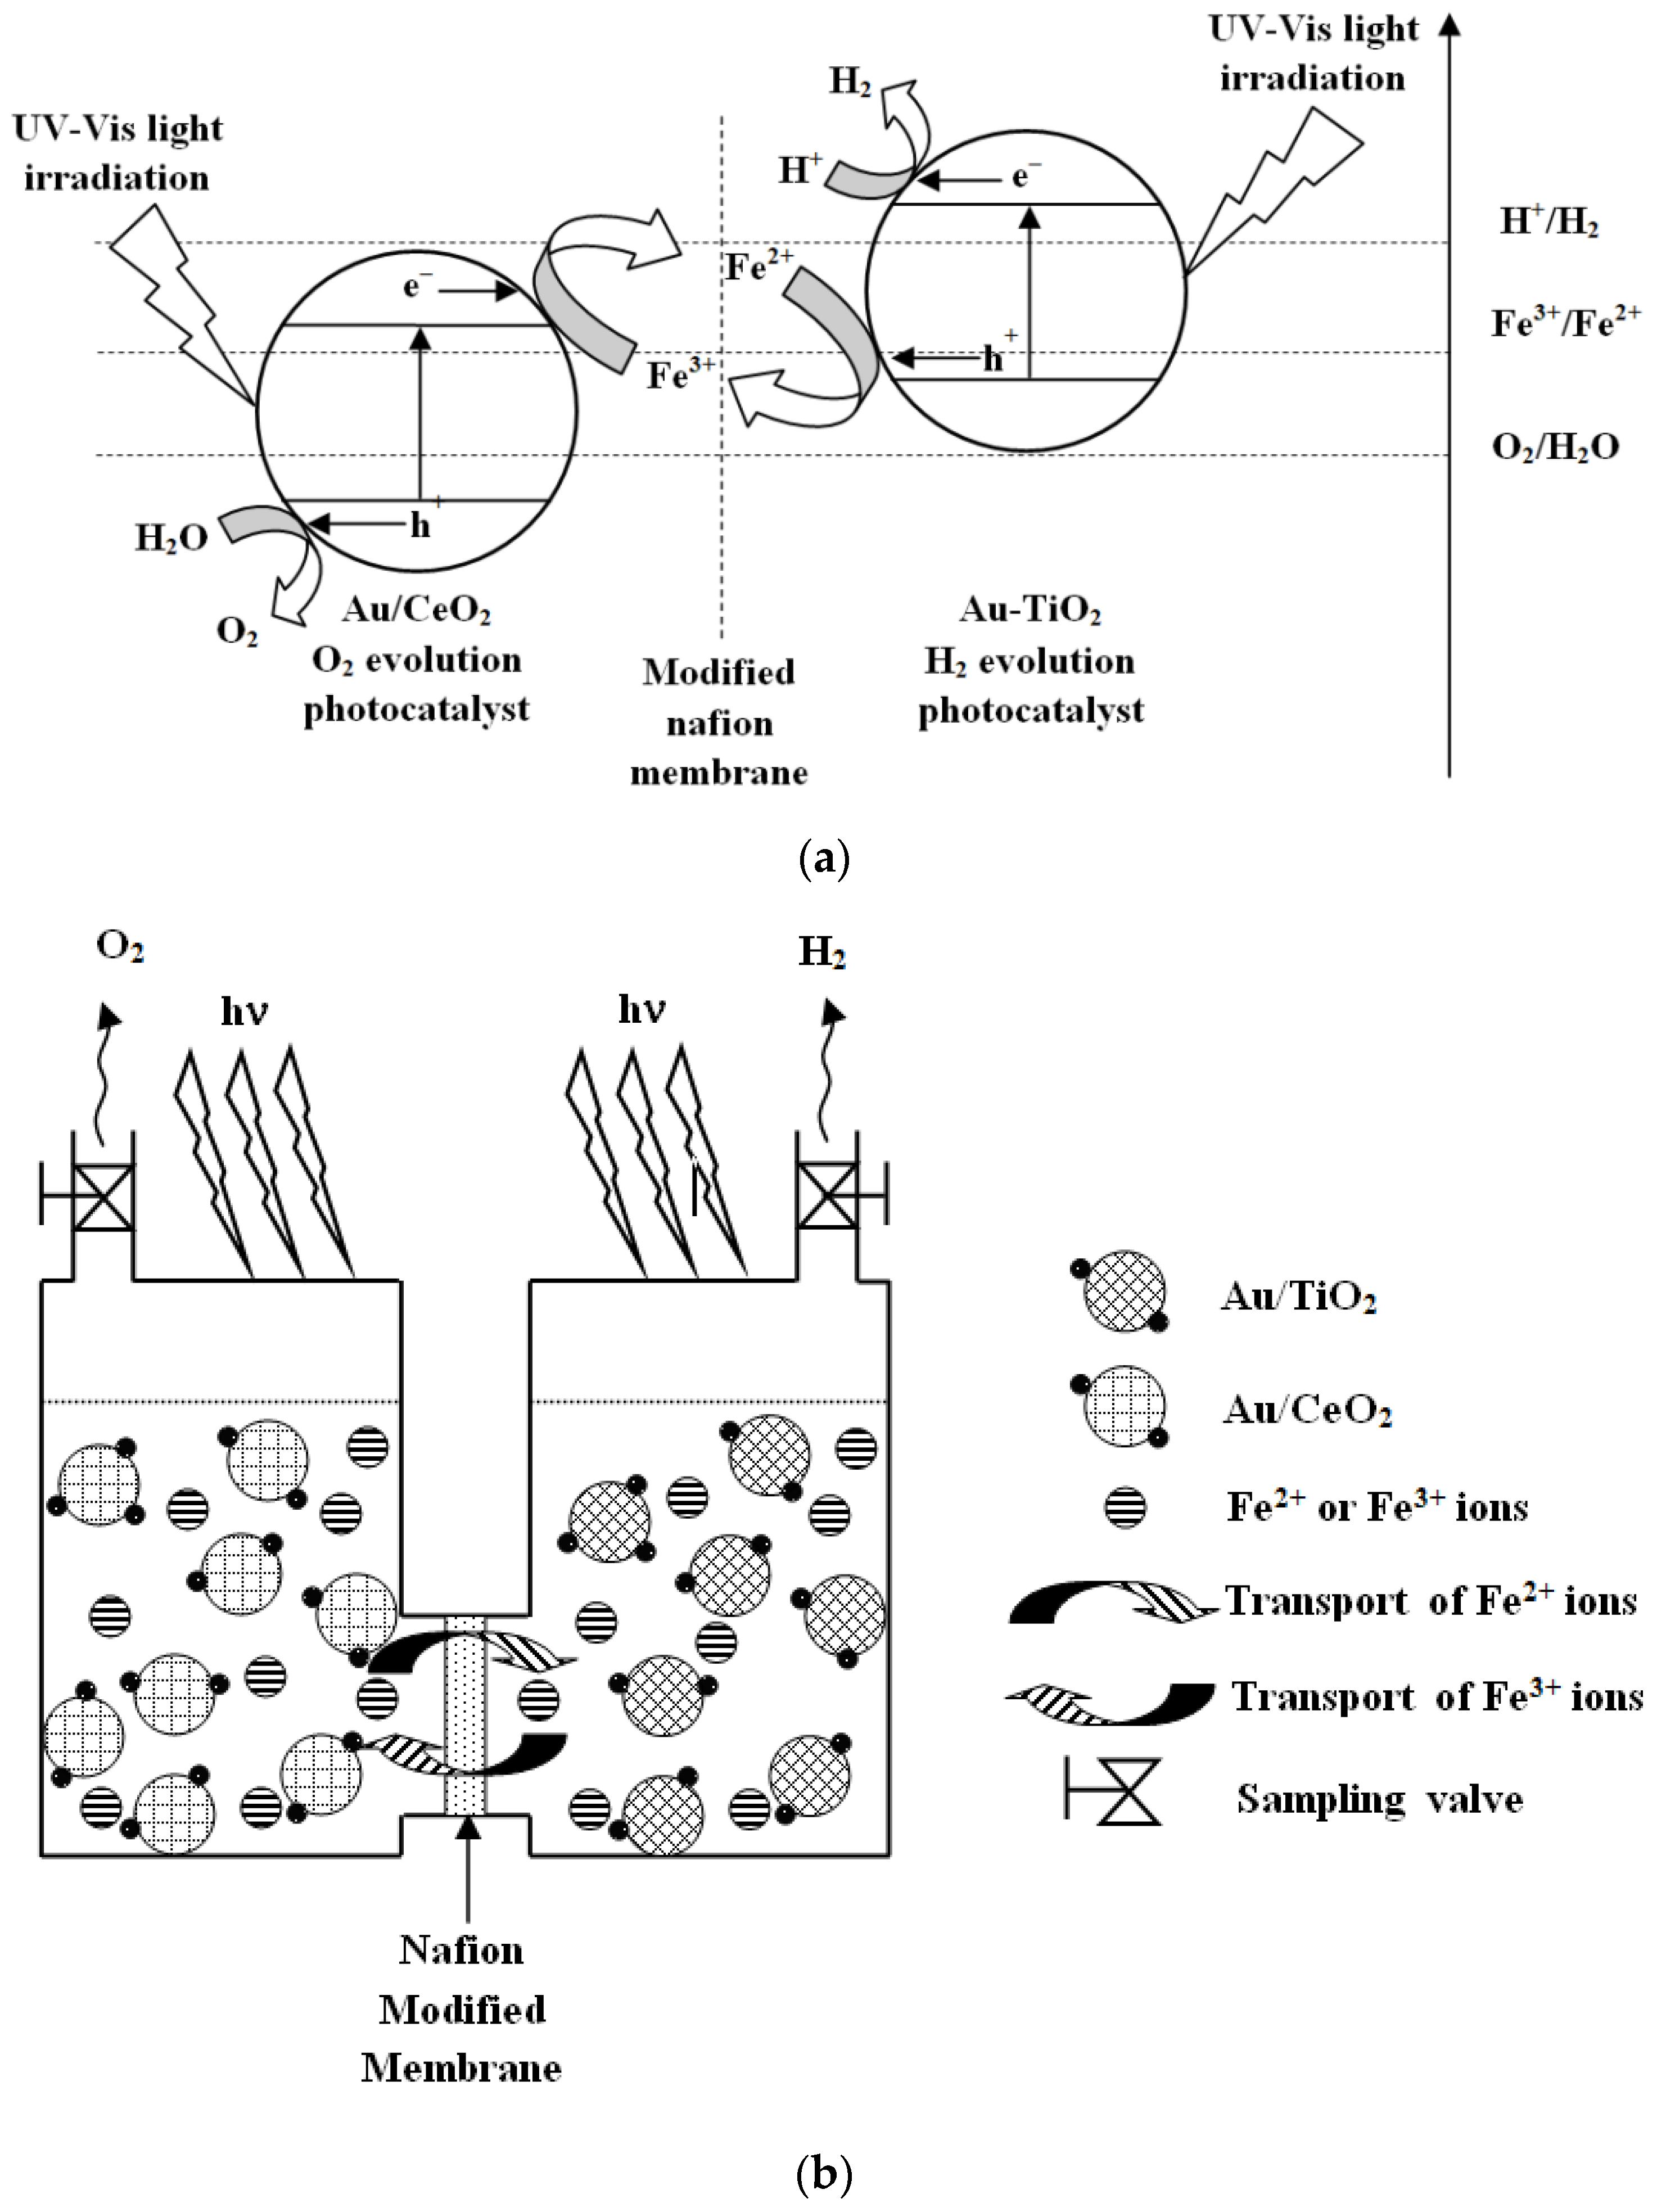 epiphone 335 wiring diagram wiring diagram GM Headlight Switch Wiring Diagram epiphone les paul standard wiring diagram online wiring diagramepiphone 335 wiring diagram wiring diagram databasedot wiring